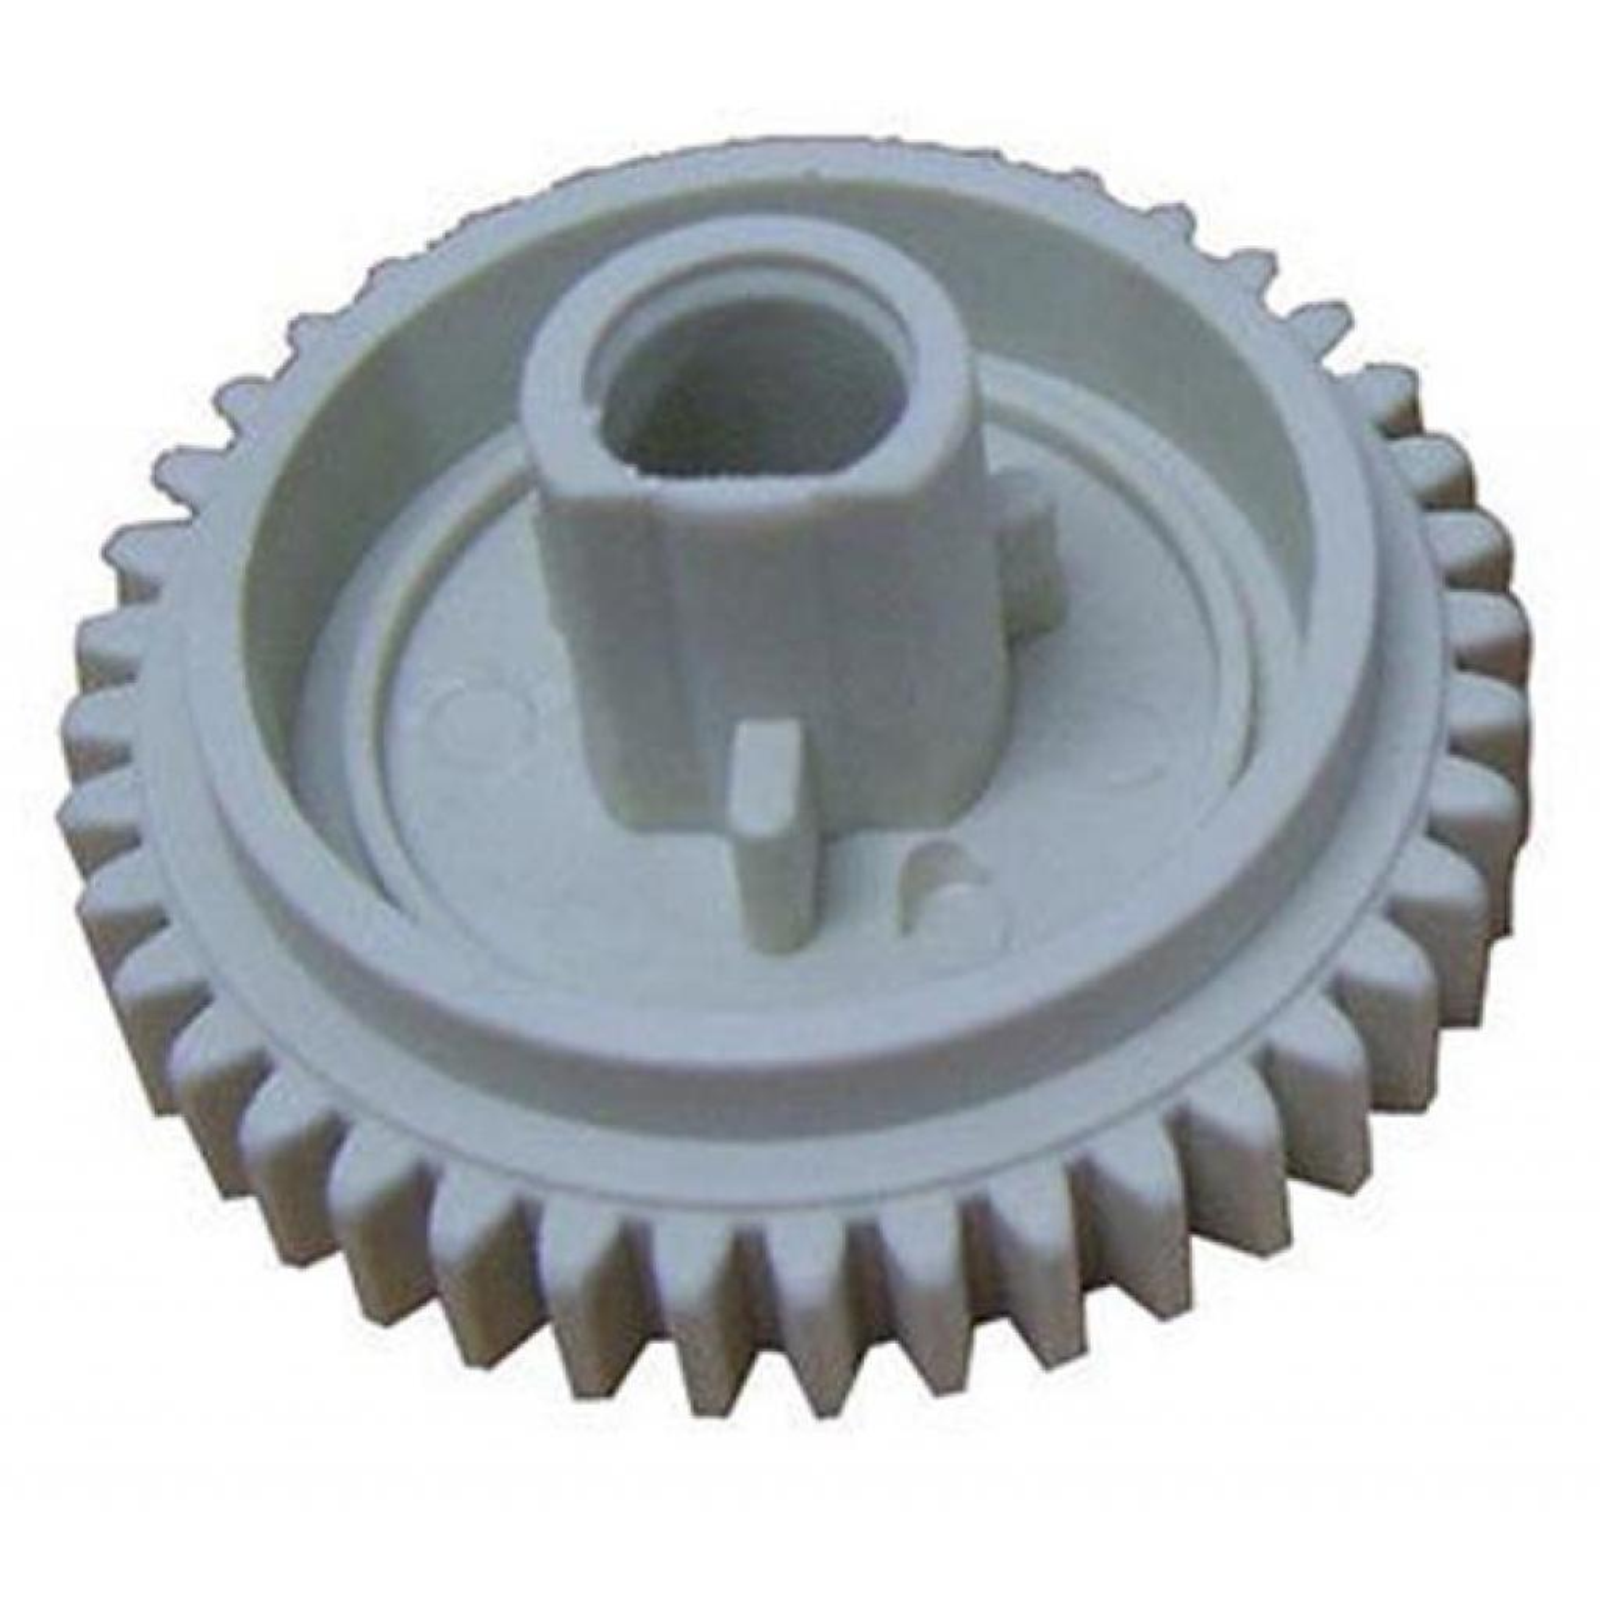 Шестерня резинового вала HP LJ 4200/4300 аналог RU5-0016-000 40T АНК (23000)